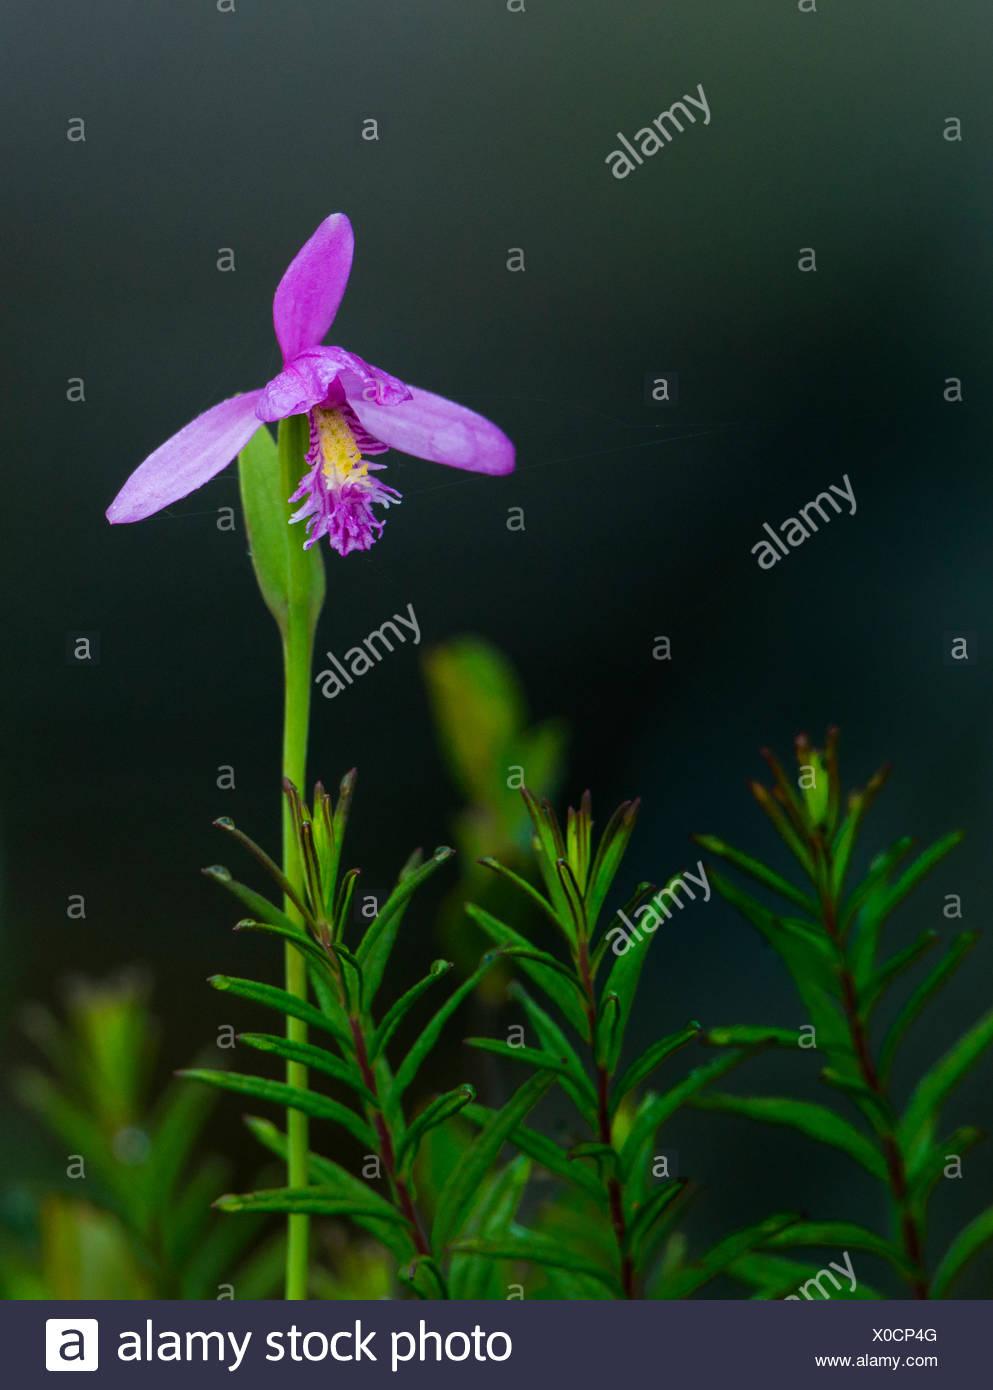 Bocca di serpente orchid, pogonia ophioglossoides, nord orientale di Ontario, Canada Foto Stock